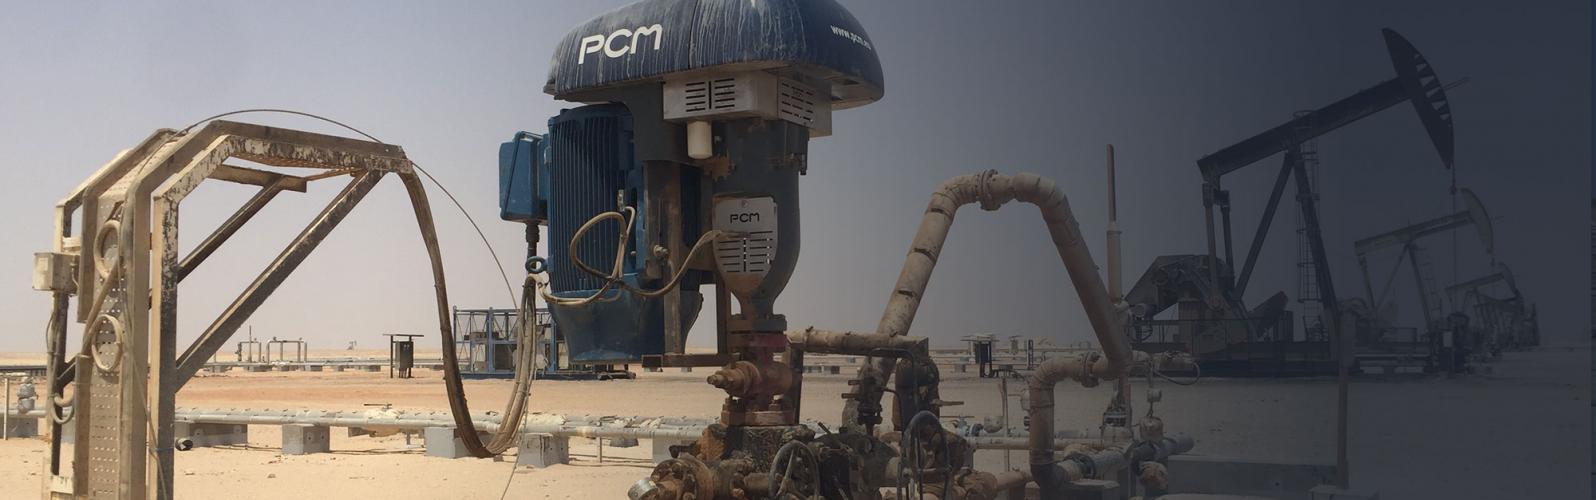 Die originale Öl- und Gaspumpen und Systemen